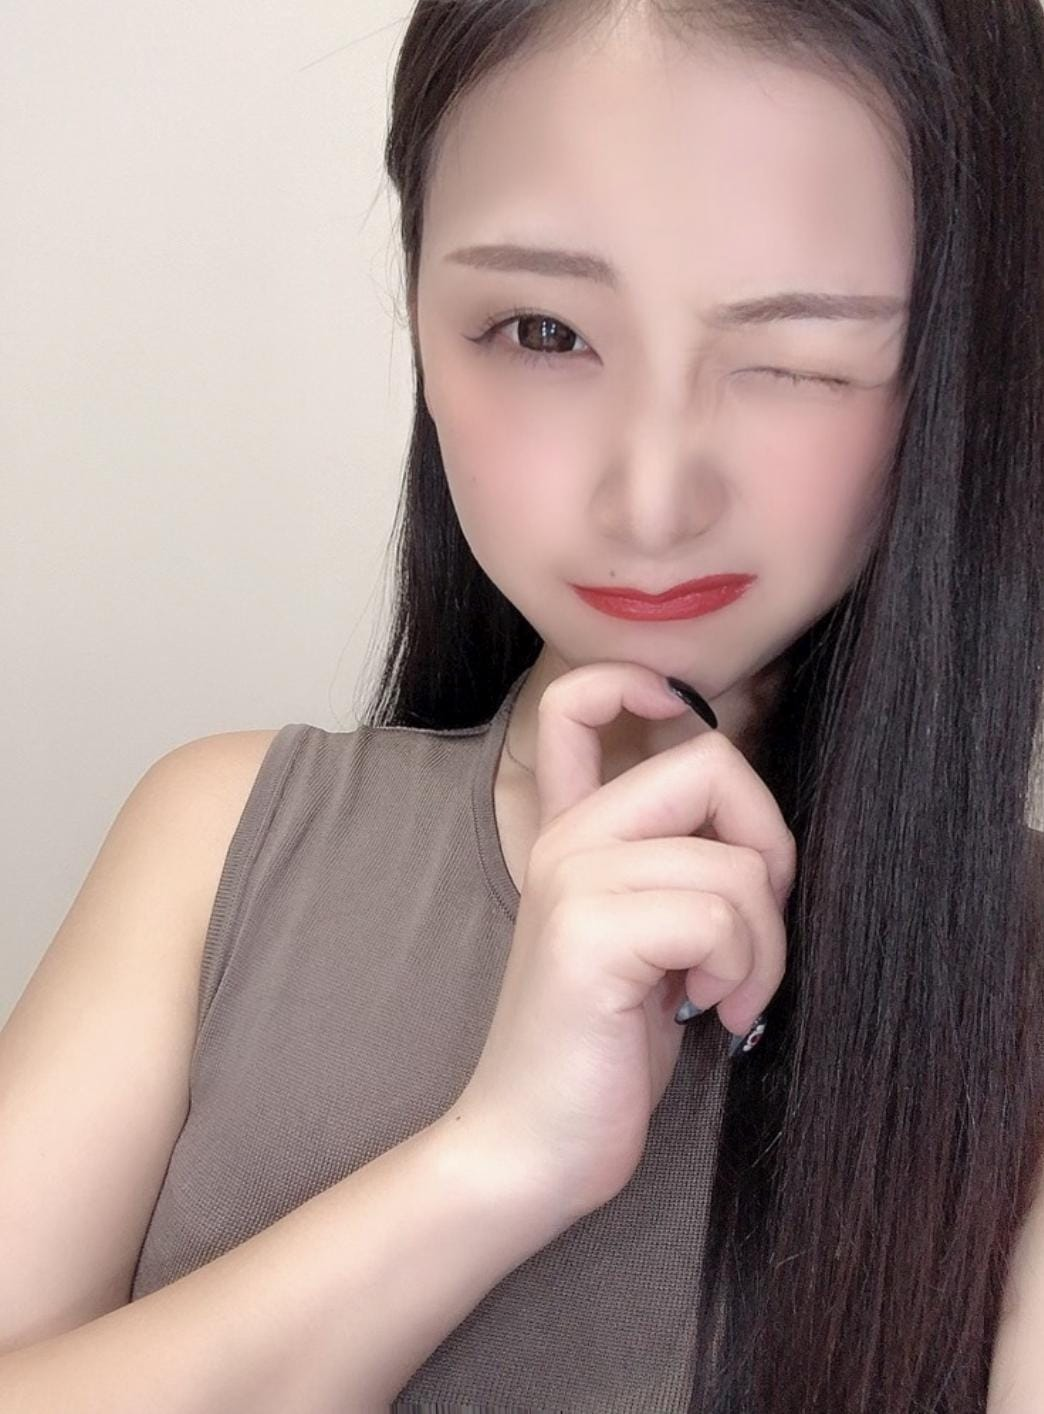 「早くしよ♡」08/03(火) 15:07   りーちゃんの写メ日記